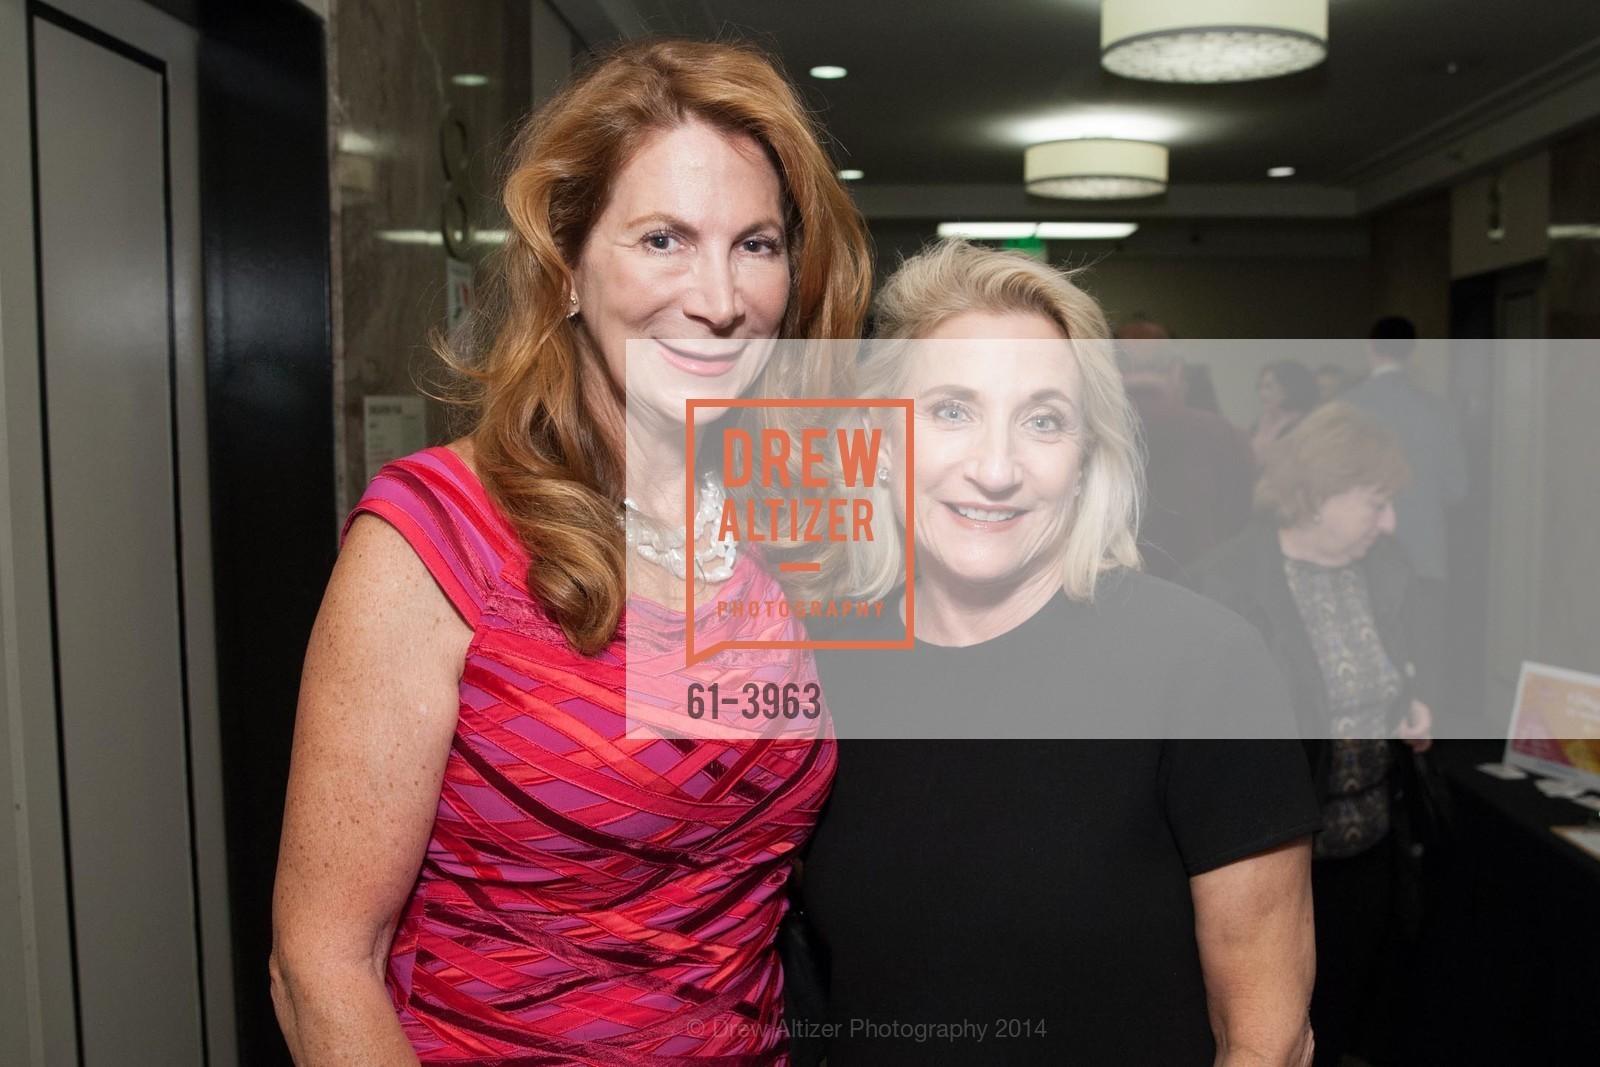 Patricia Ferrin Loucks, Deborah Avakian, Photo #61-3963